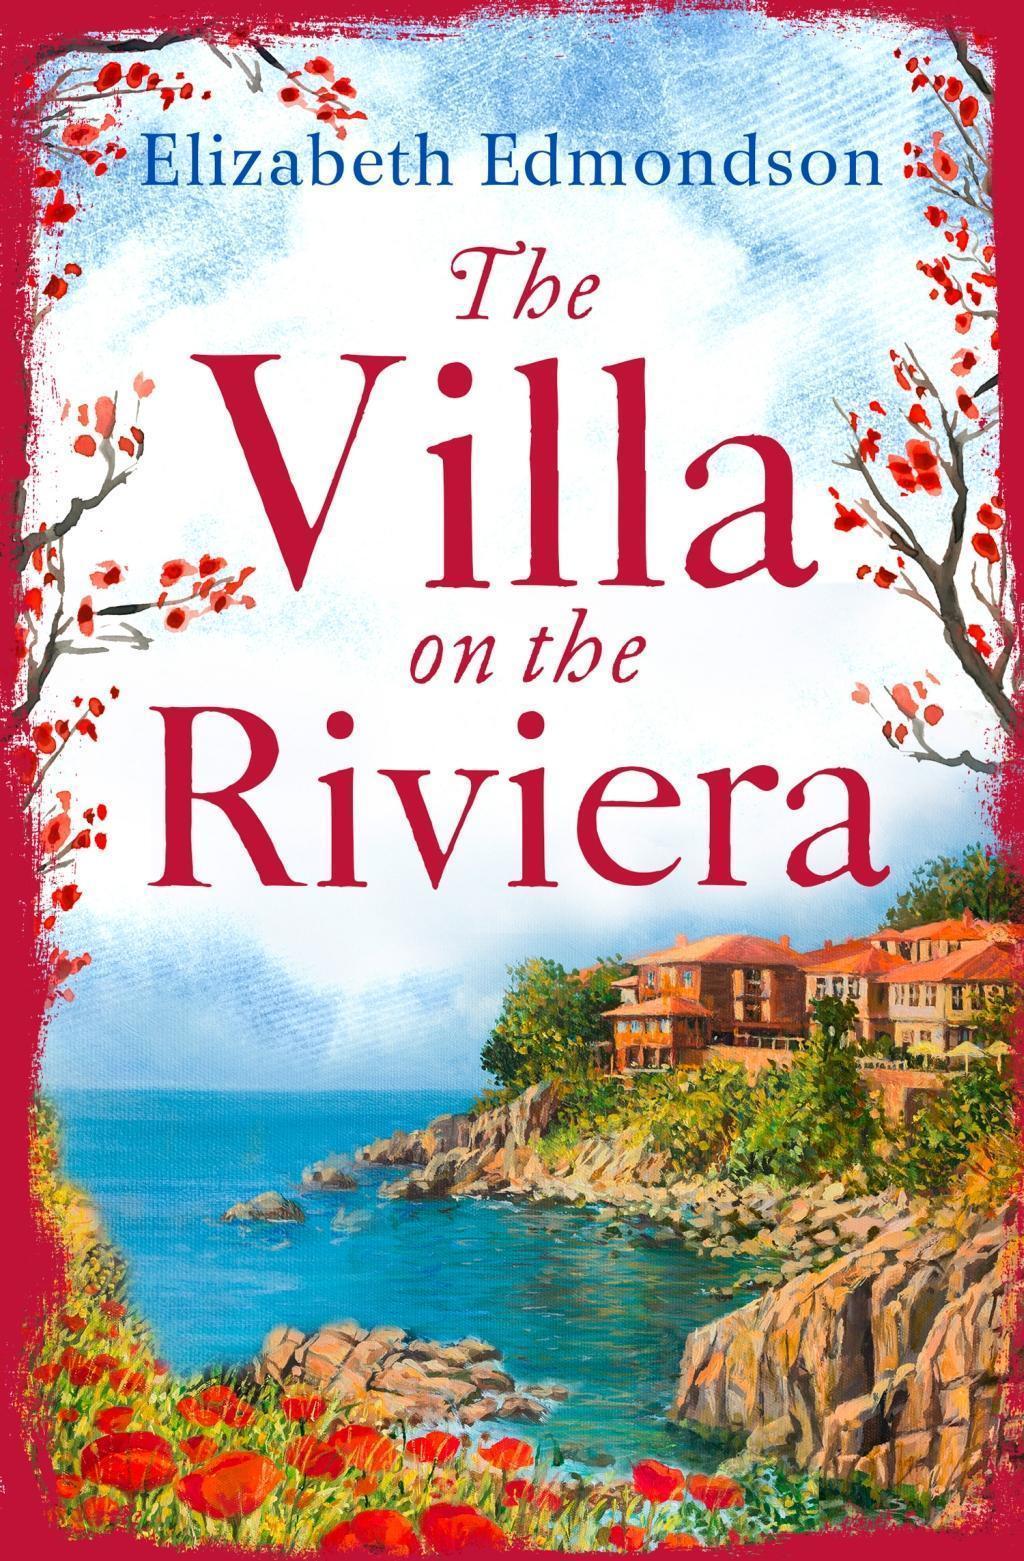 The Villa on the Riviera